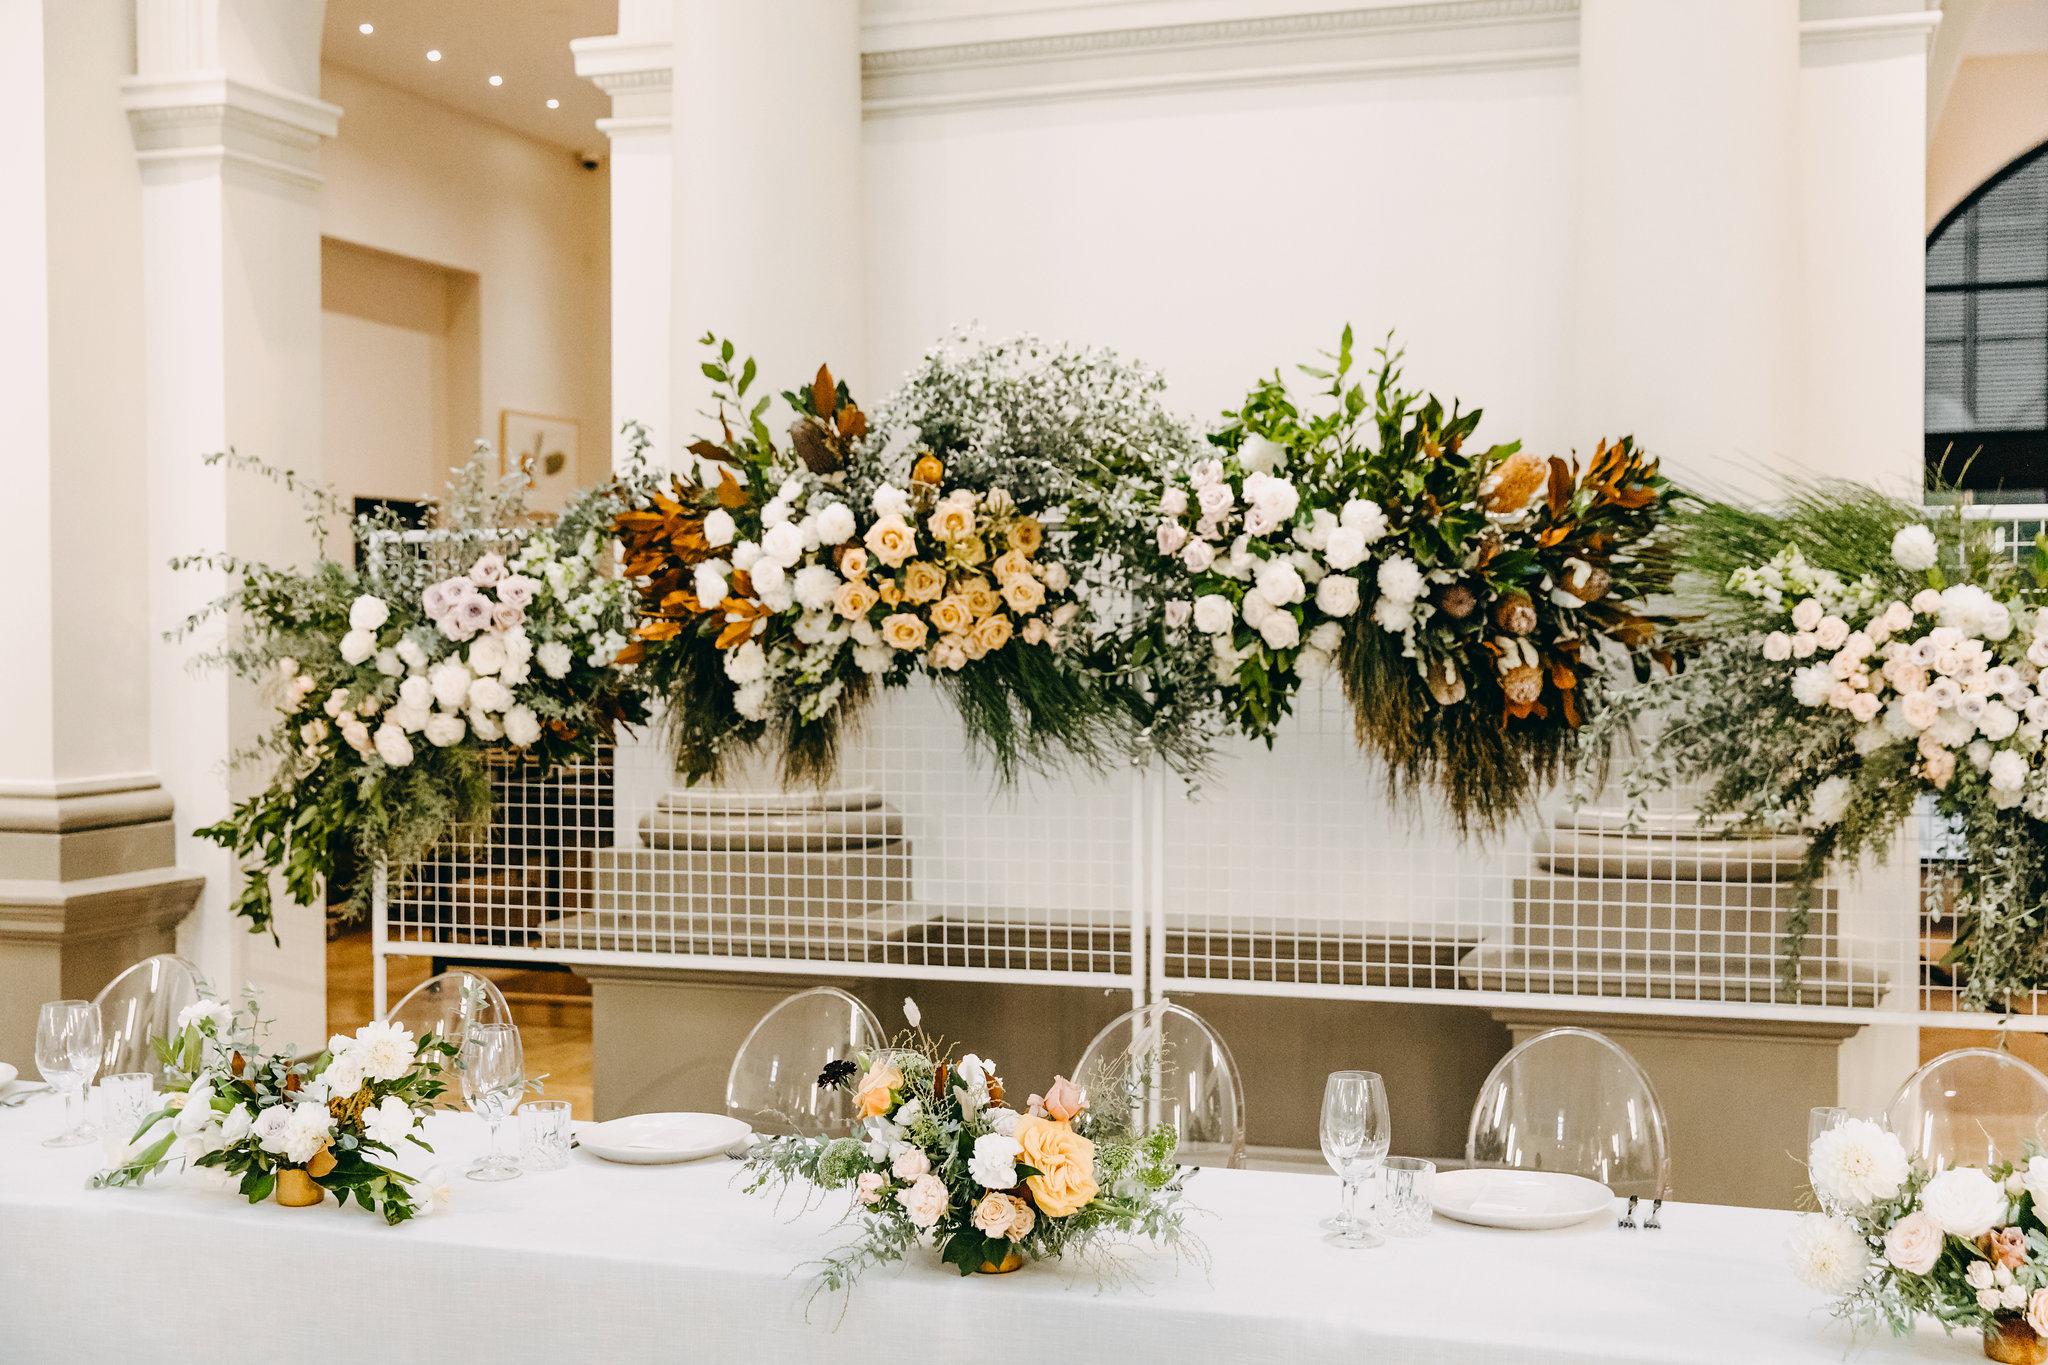 WEDDINGOPENDAY-STATEBUILDINGS-APR2018-7